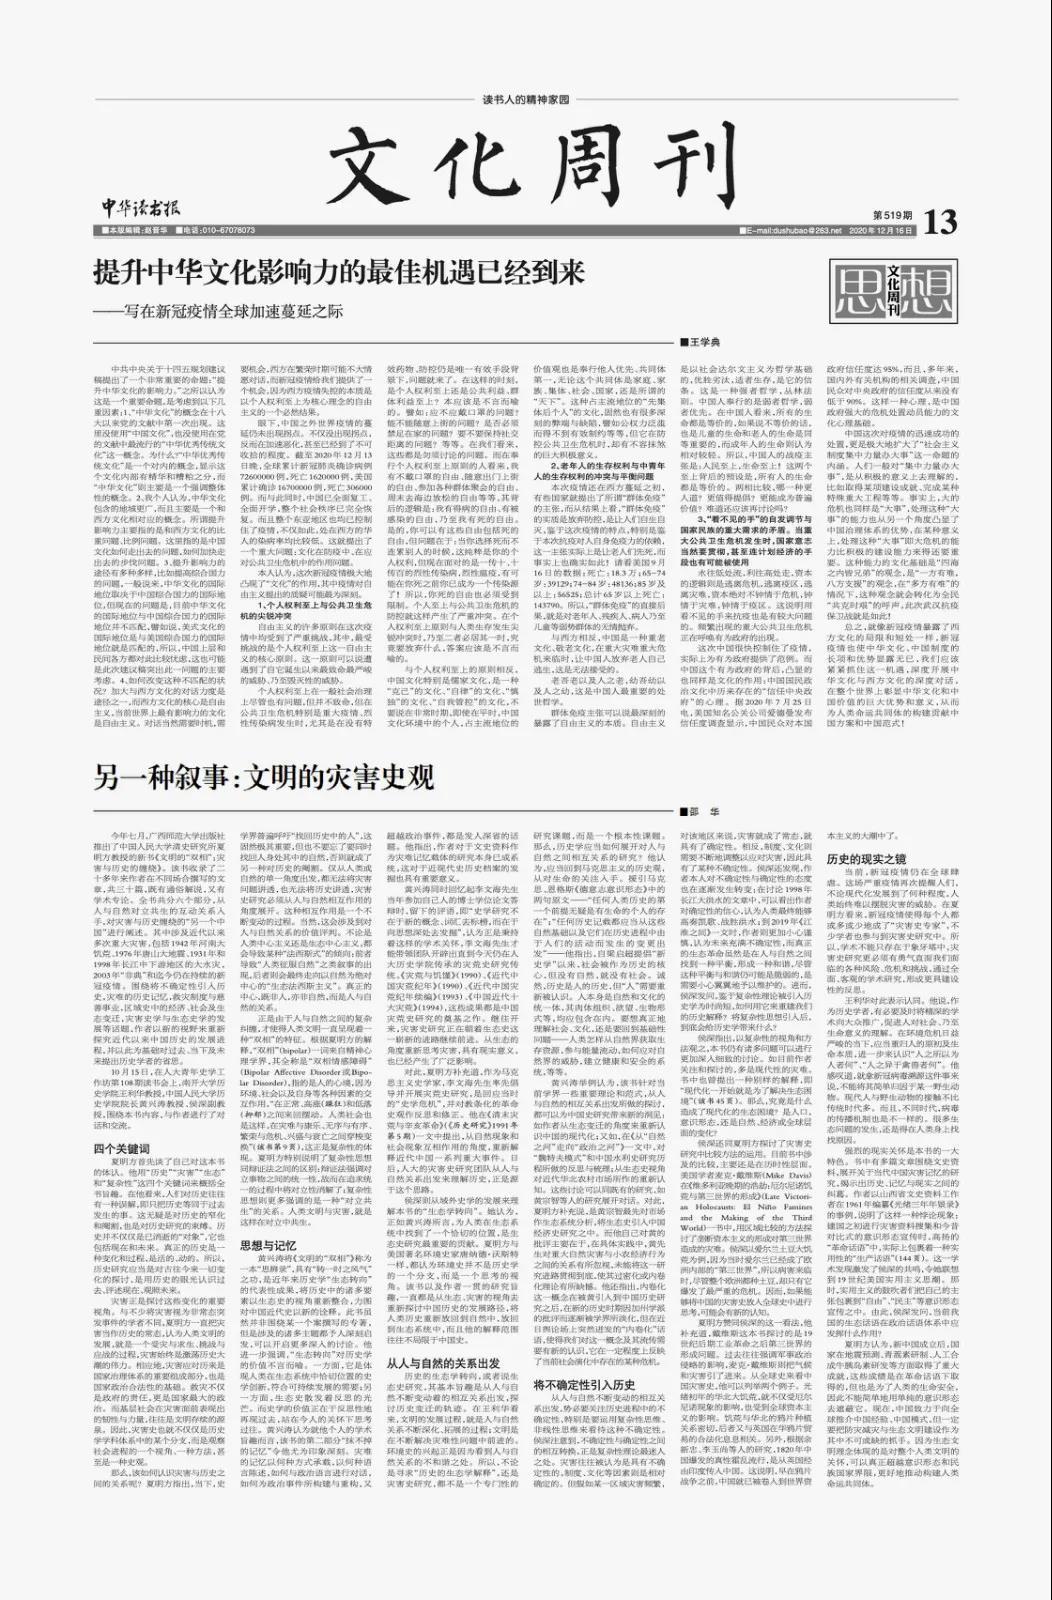 提升中华文化影响力的最佳机遇已经到来